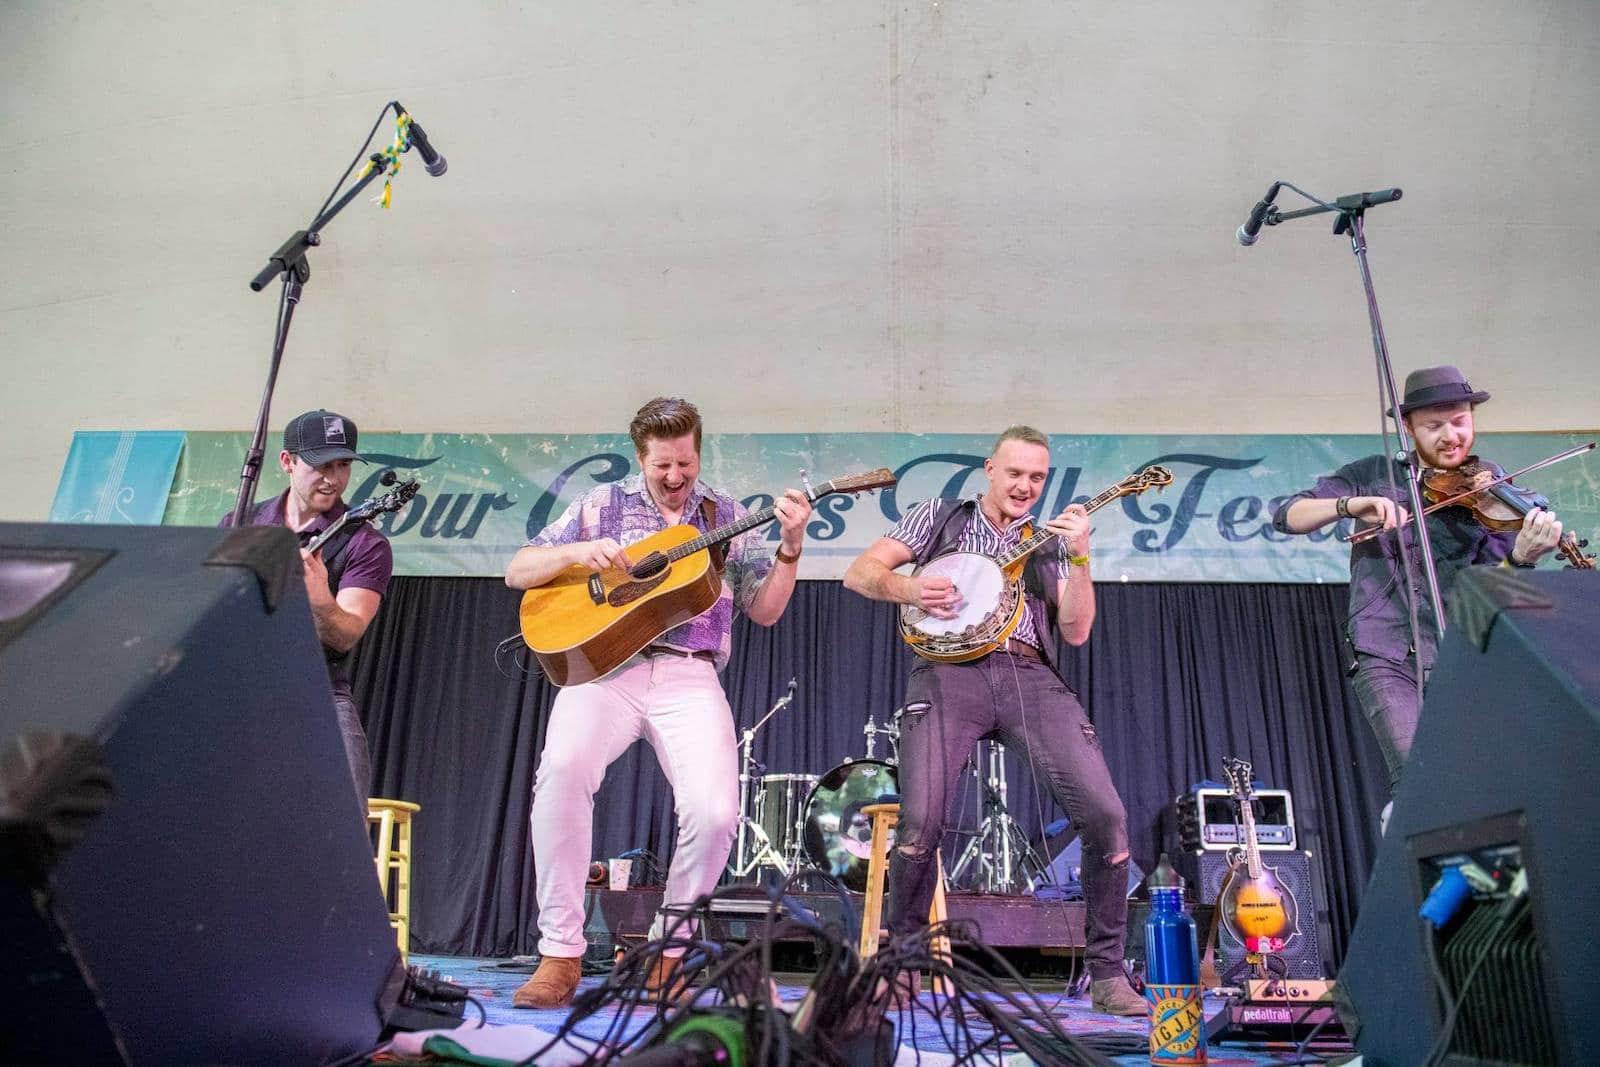 Gambar musisi tampil di Four Corners Folk Festival di Pagosa Springs, Colorado